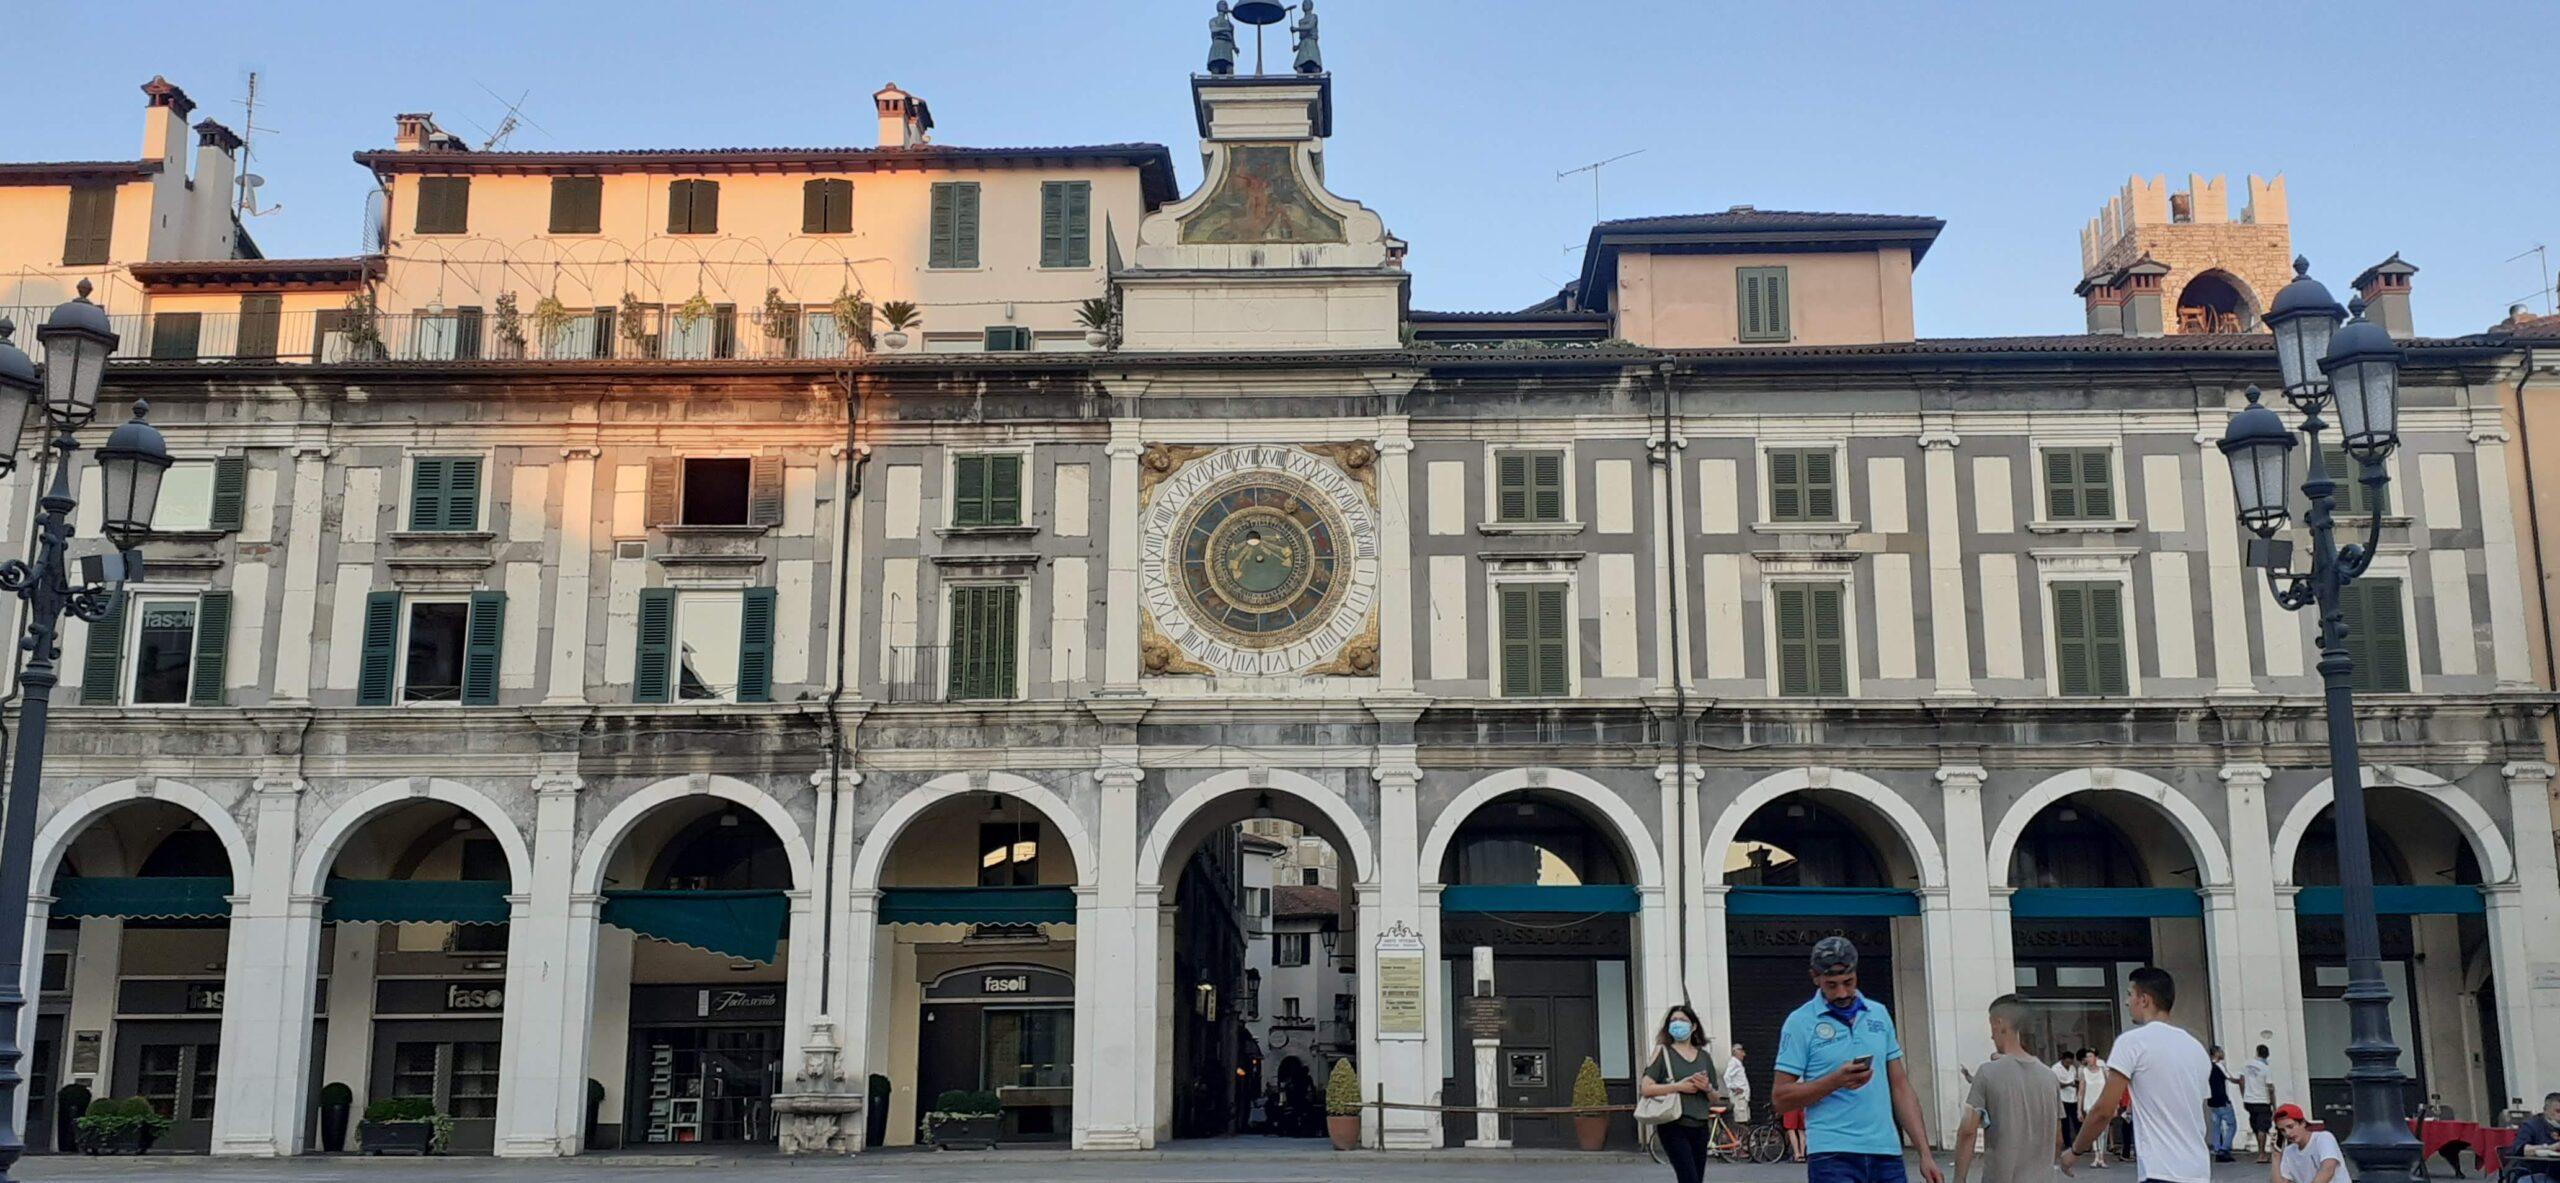 Piazza Loggia, Torre dell'Orologio